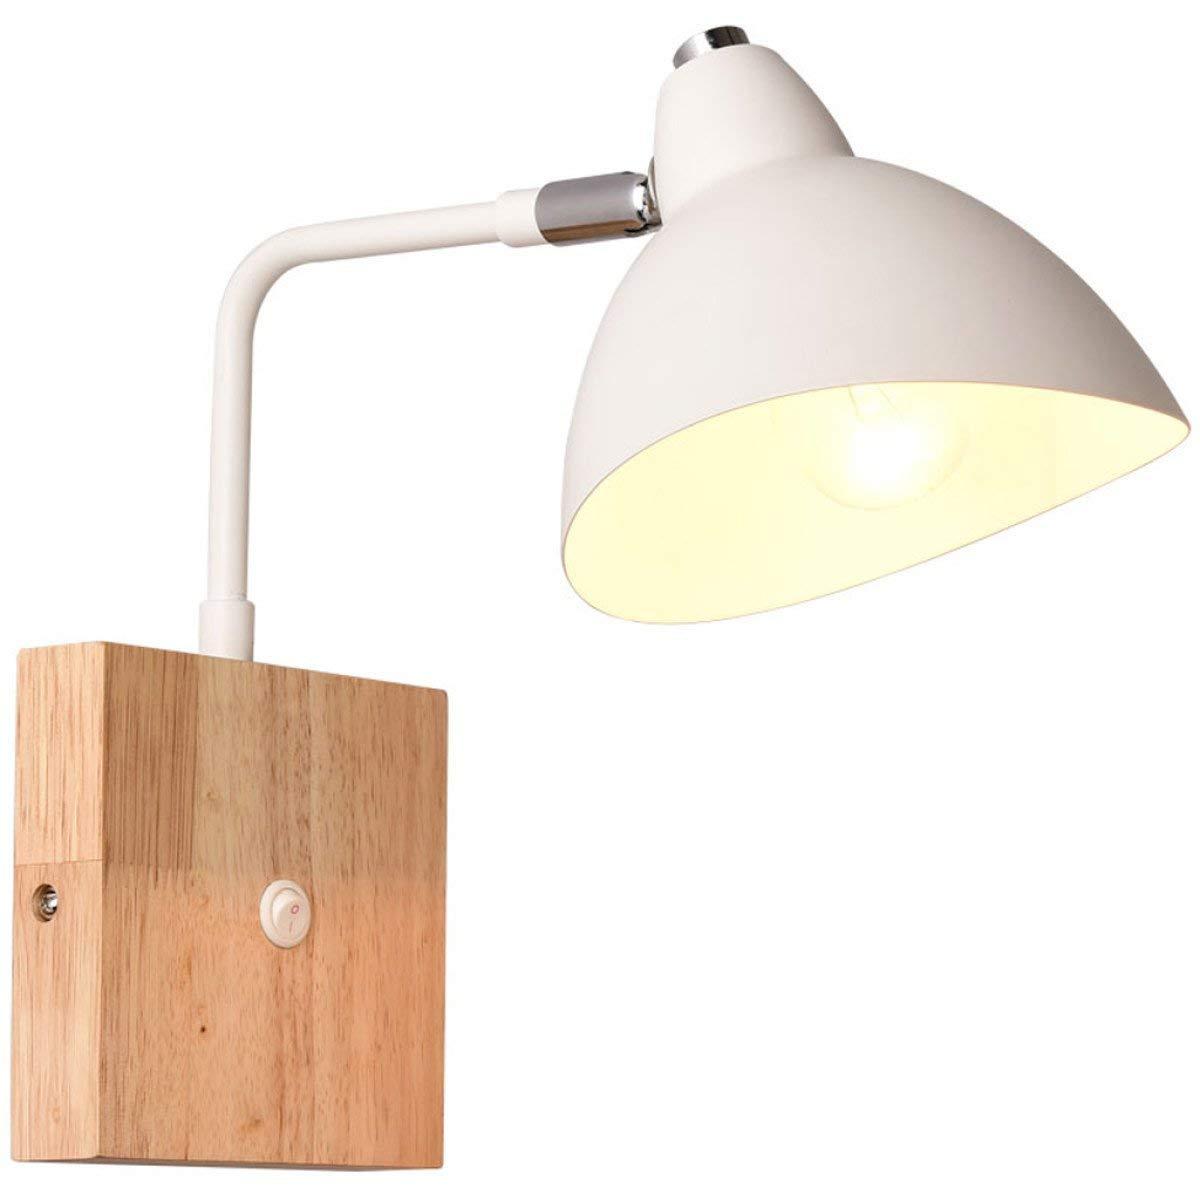 TJTJ 現代のシンプルな壁ランプヨーロッパの純木の壁ランプは壁ランプボタンスイッチE27光源を置きます B07S48BZKM